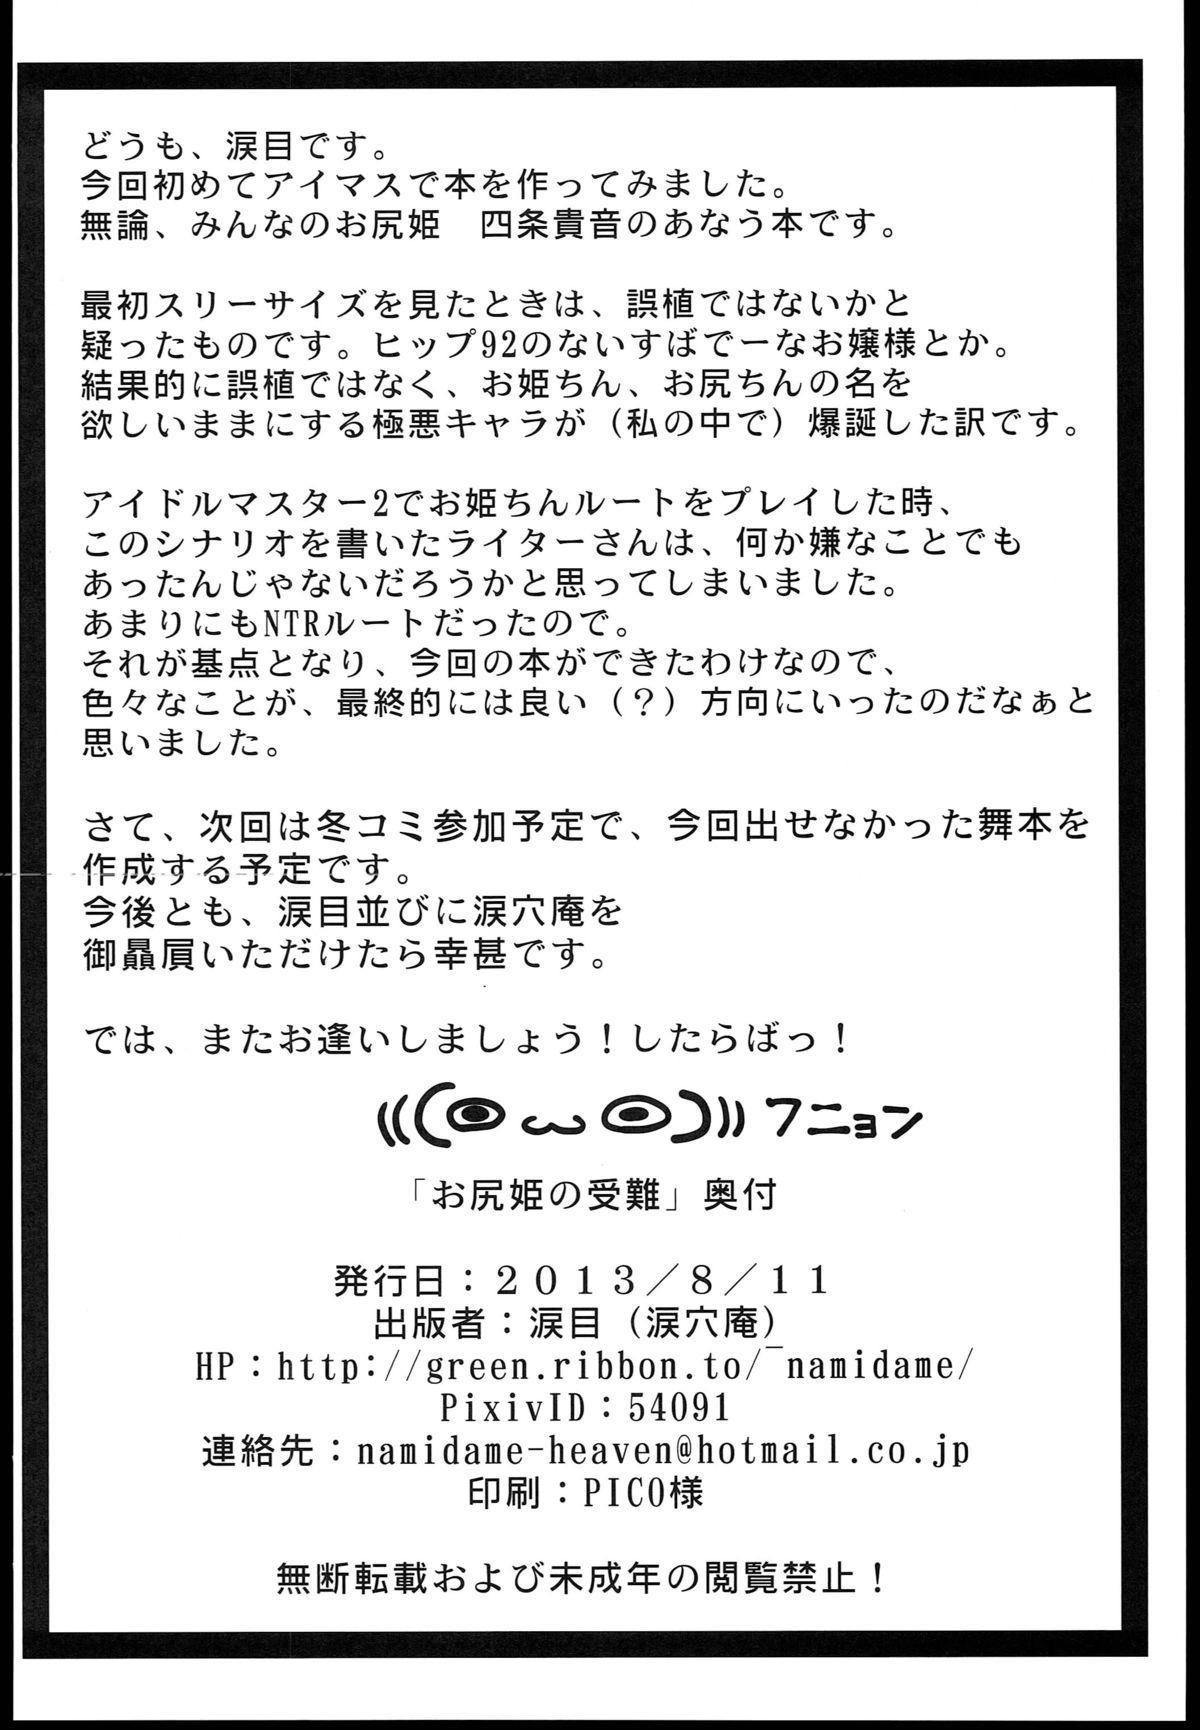 Oshiri-Hime no Junan 25